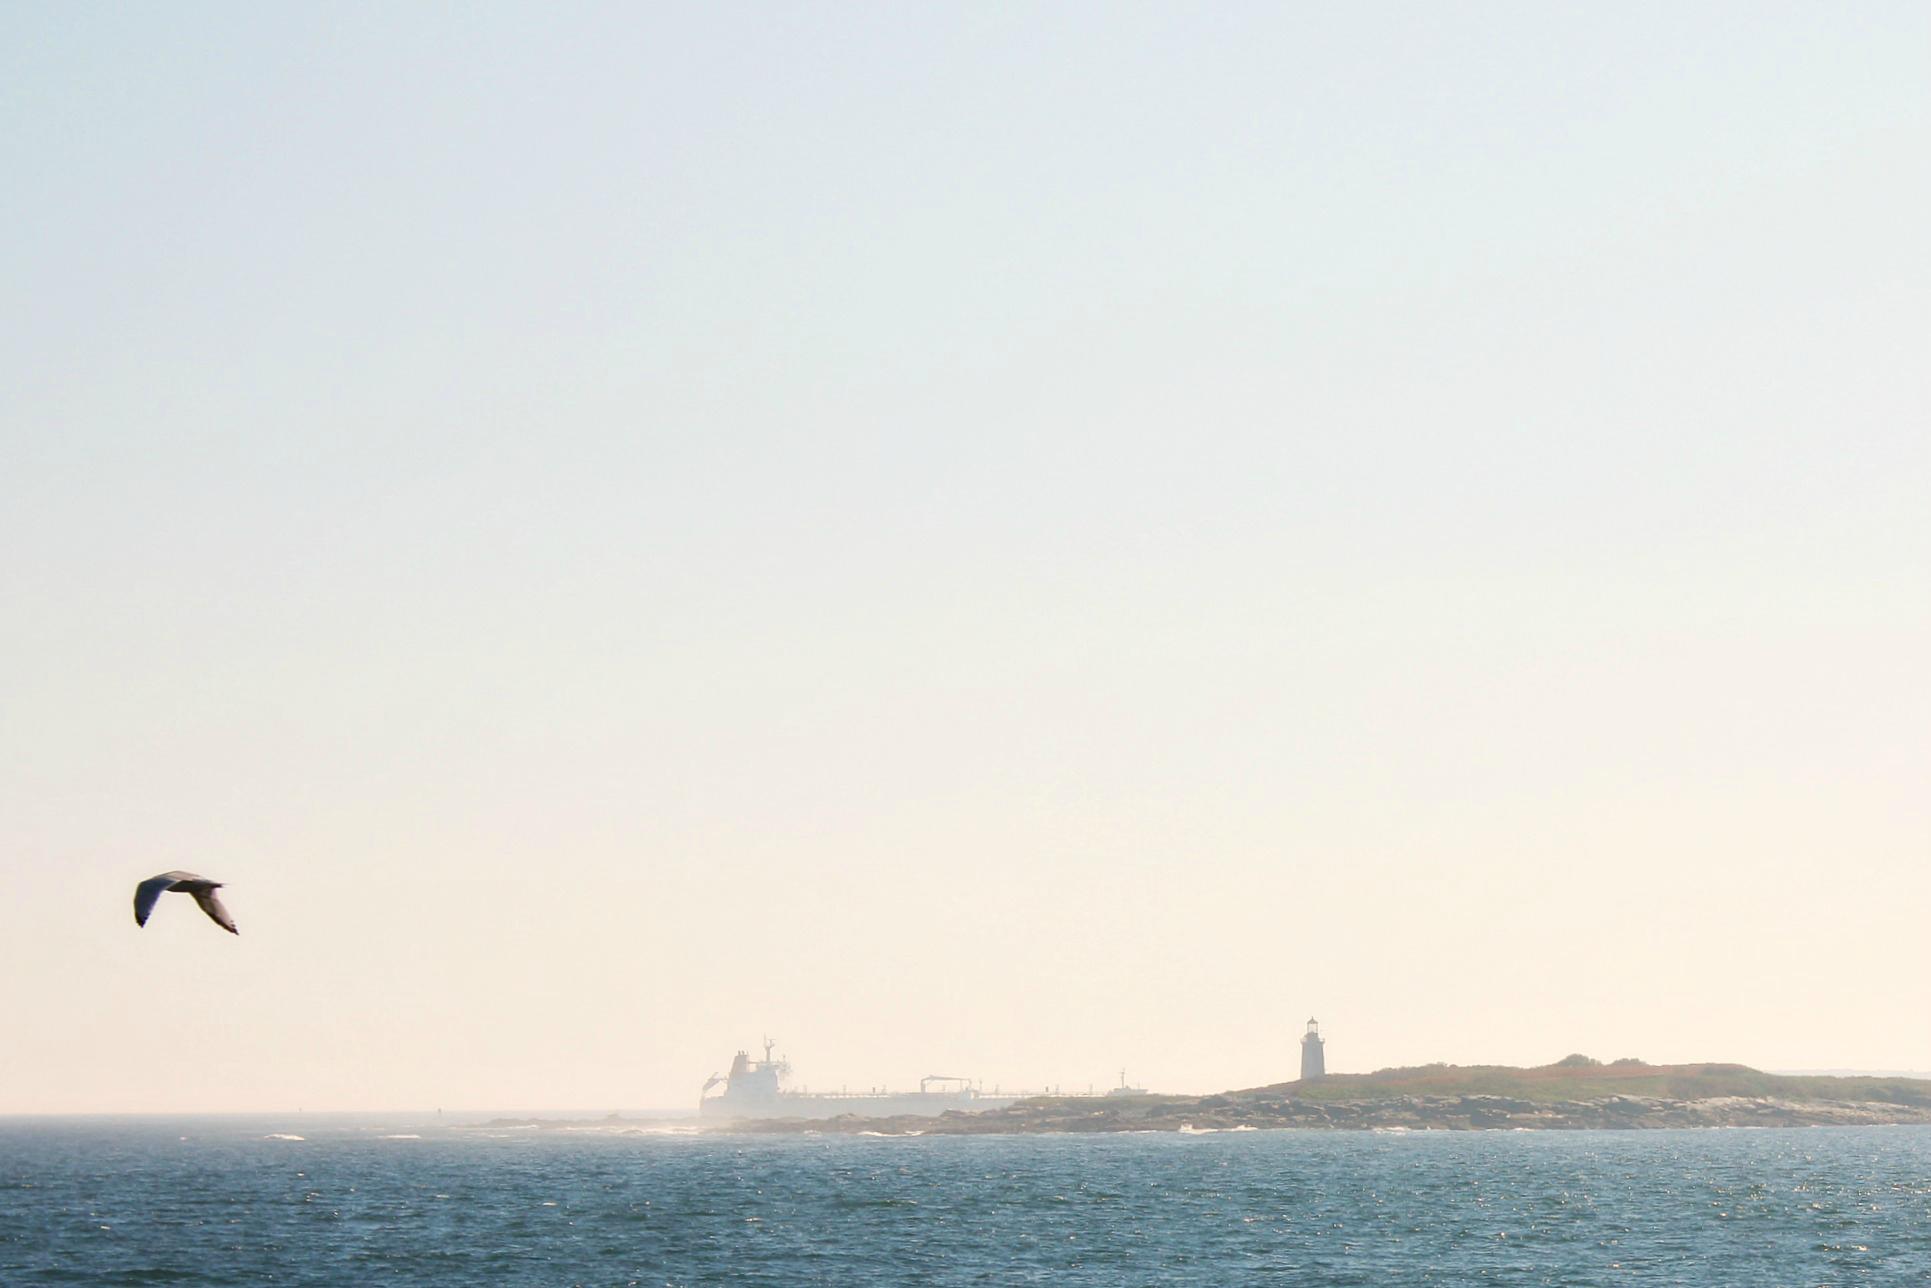 Ram Island Light and Oil Tanker.jpg